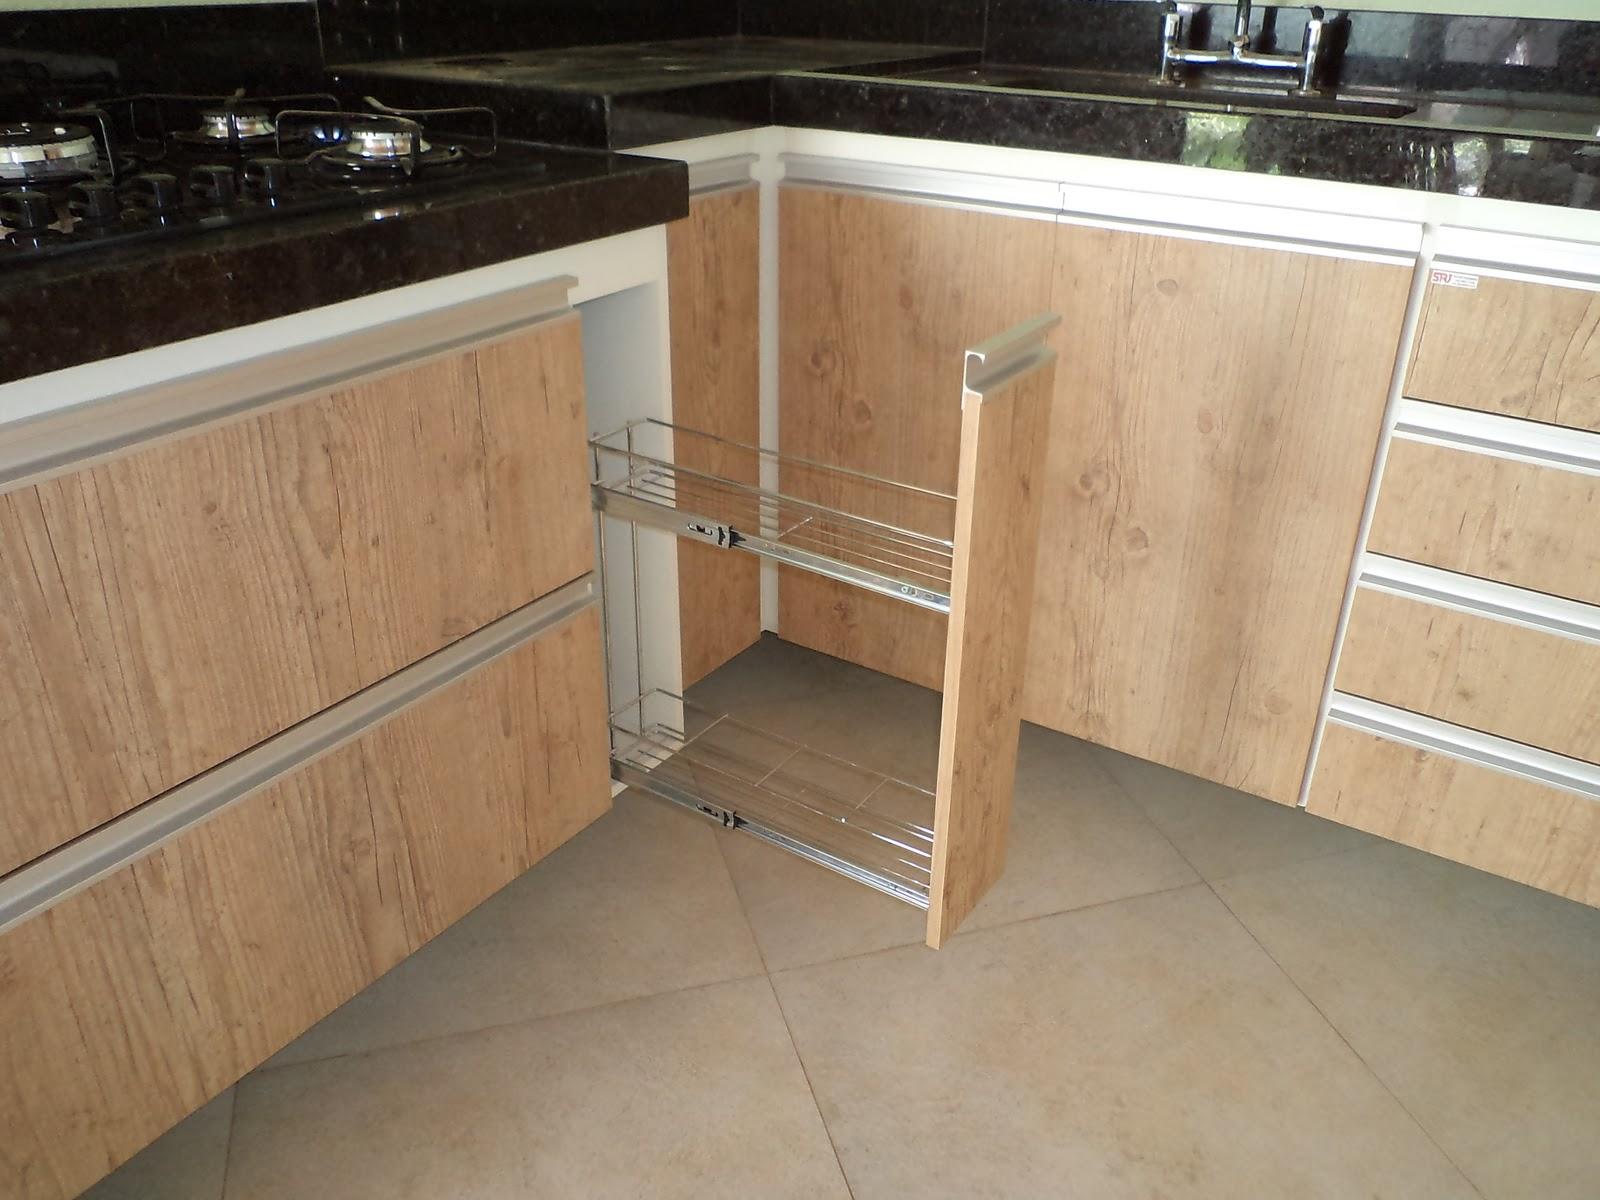 SPJ Móveis Planejados: Cozinha para área externa #8A6A41 1600x1200